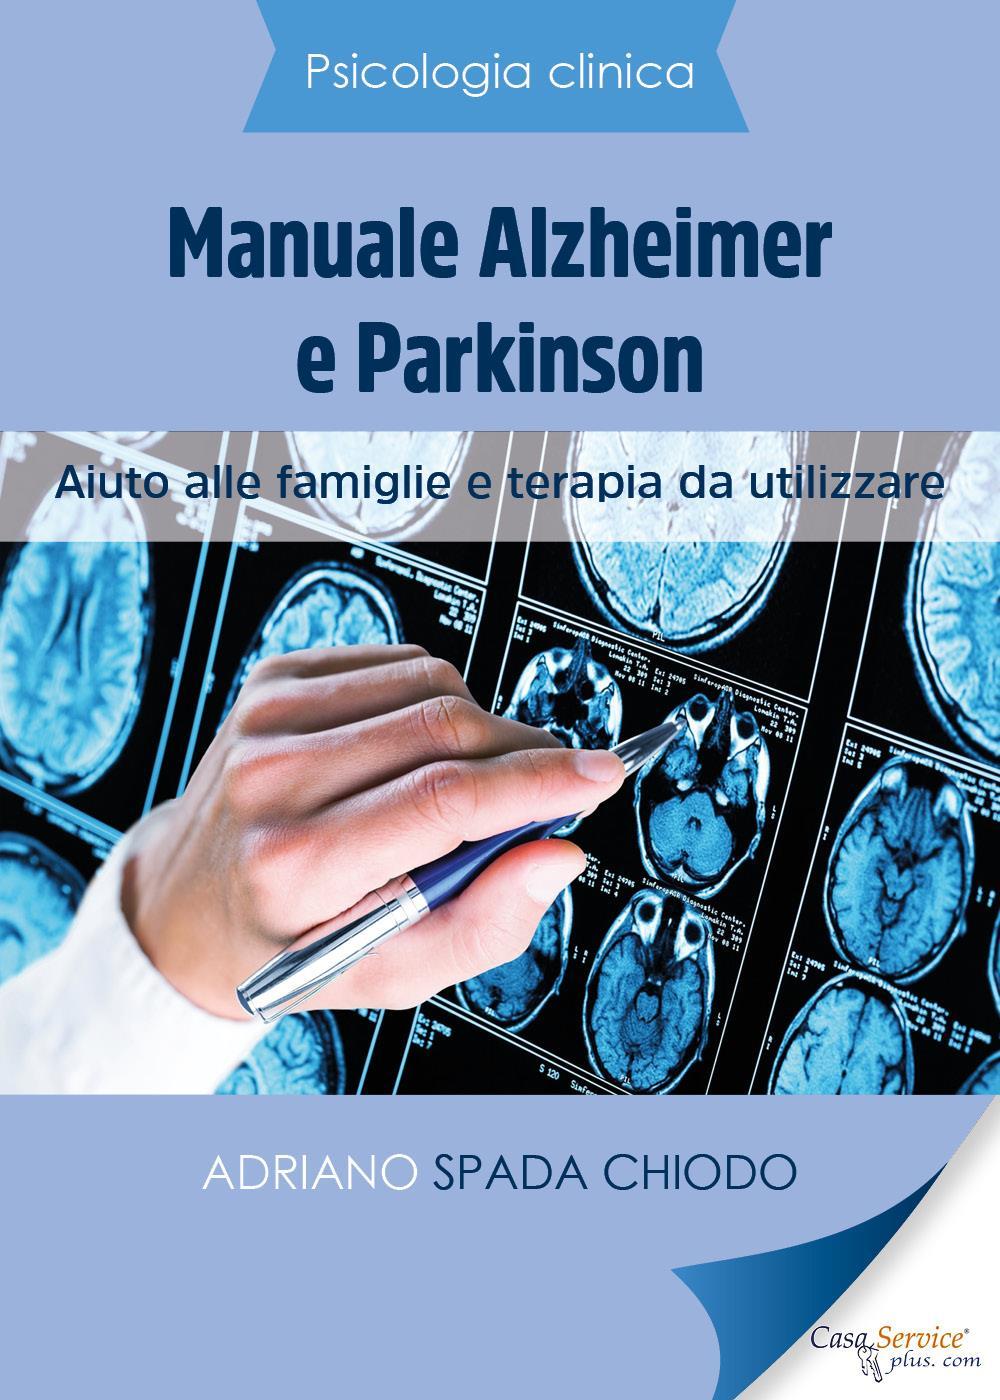 Psicologia Clinica - Manuale Alzheimer e Parkinson - Aiuto alle famiglie e terapia da utilizzare